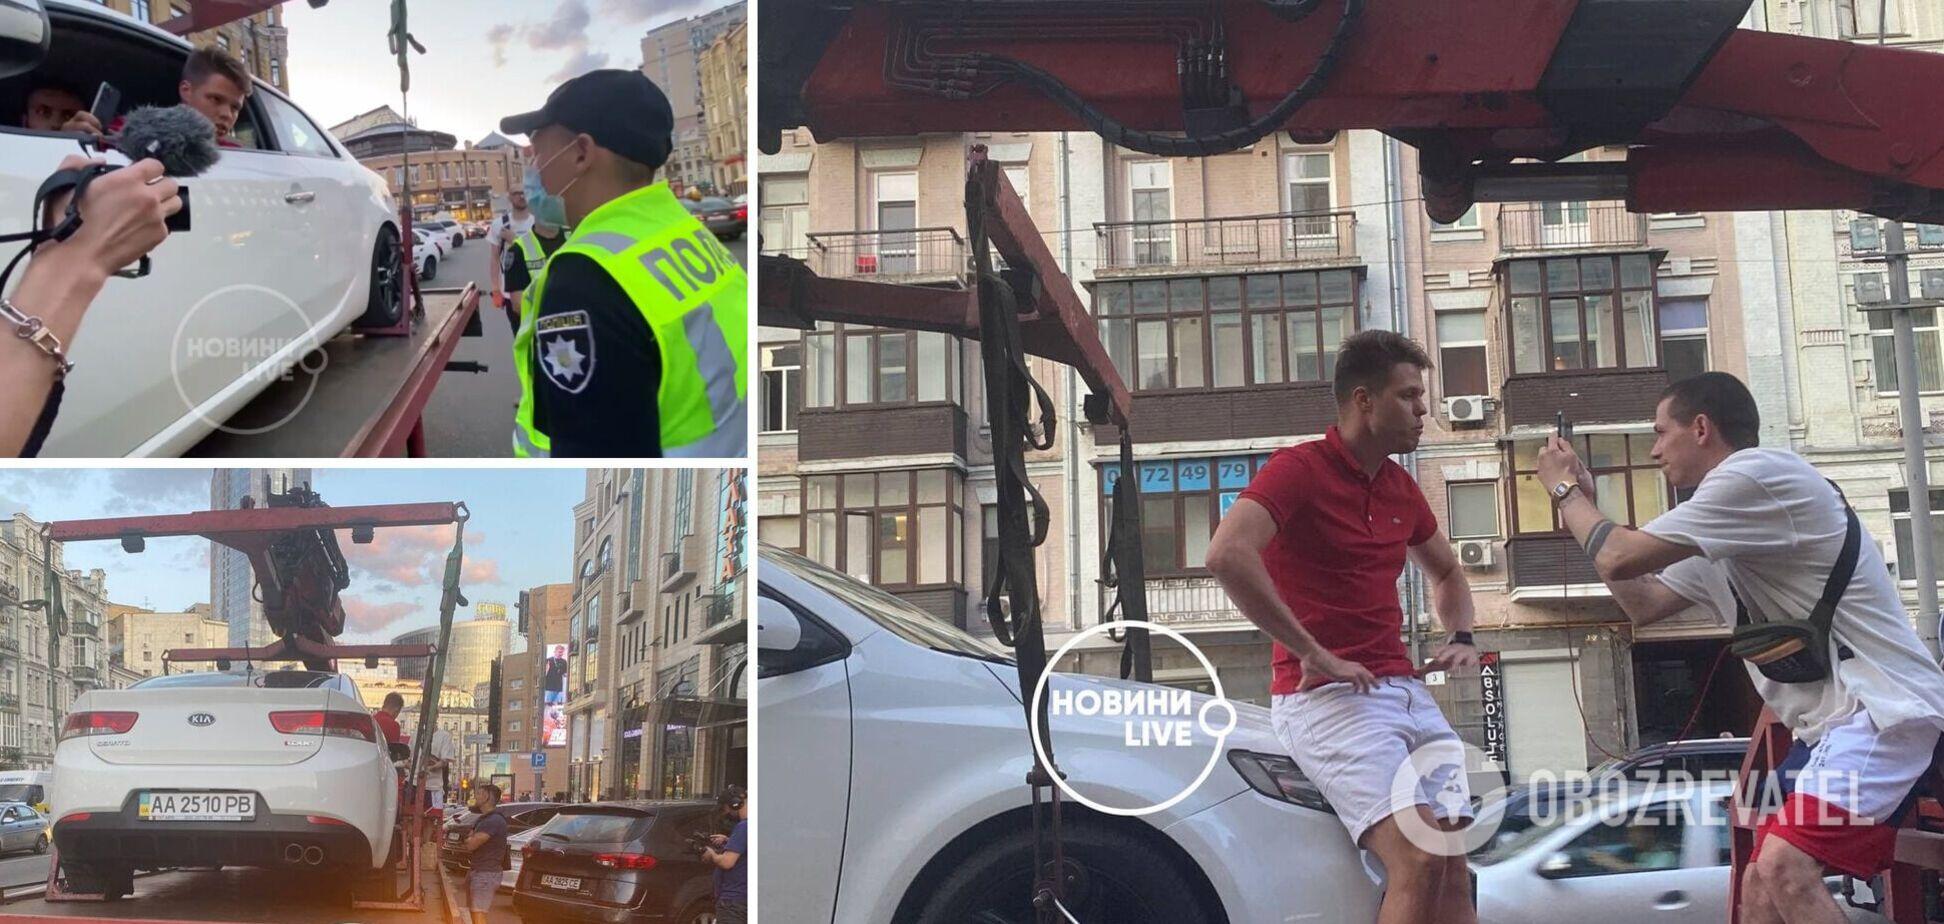 В Киеве блогер 5 часов спорил с полицией из-за эвакуации авто. Фото и видео